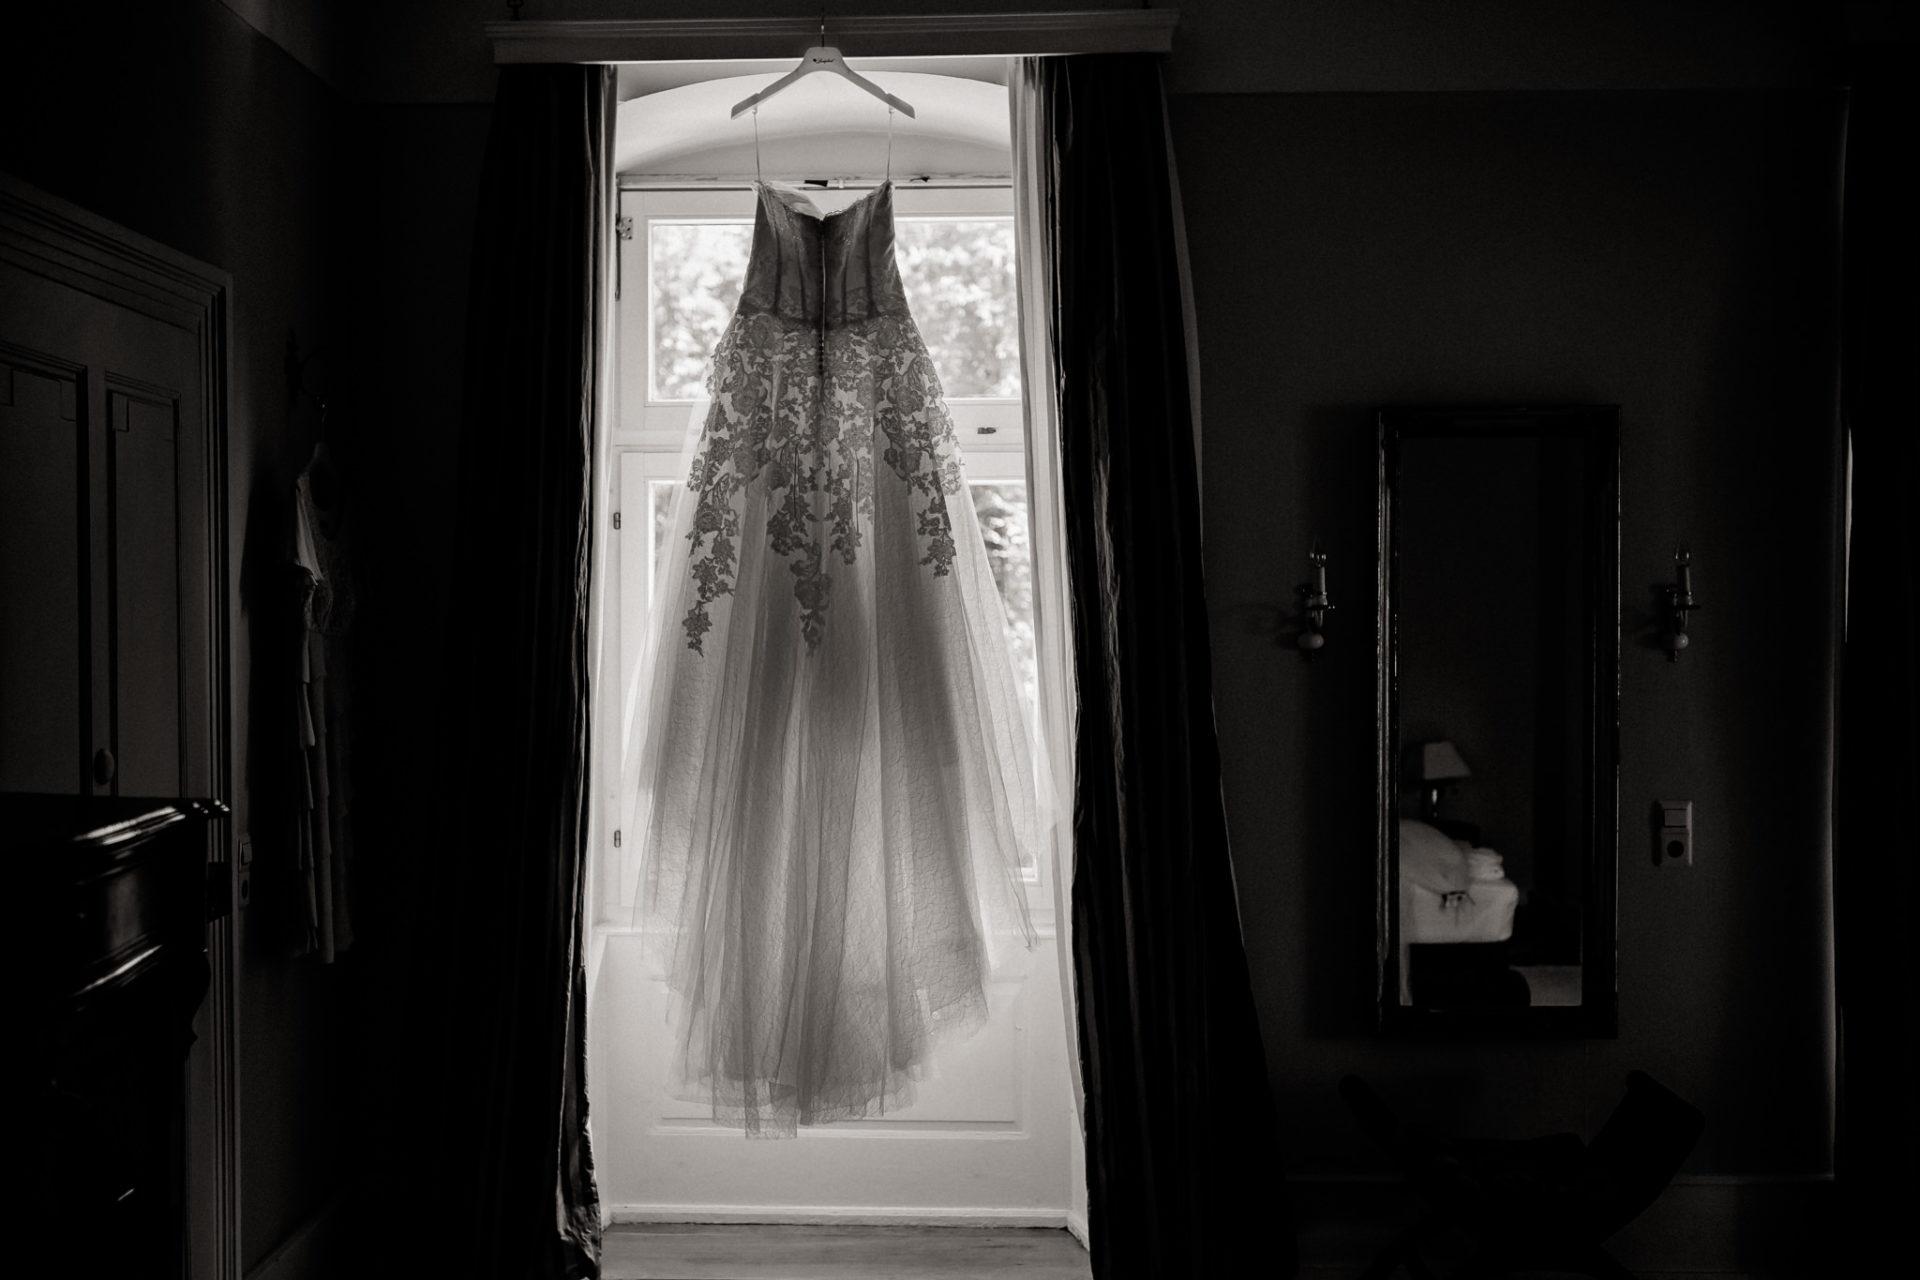 hochzeitsfotograf schloss heinsheim-elegant heiraten-bridal party-Getting Ready Braut-Brautkleid lange schleppe